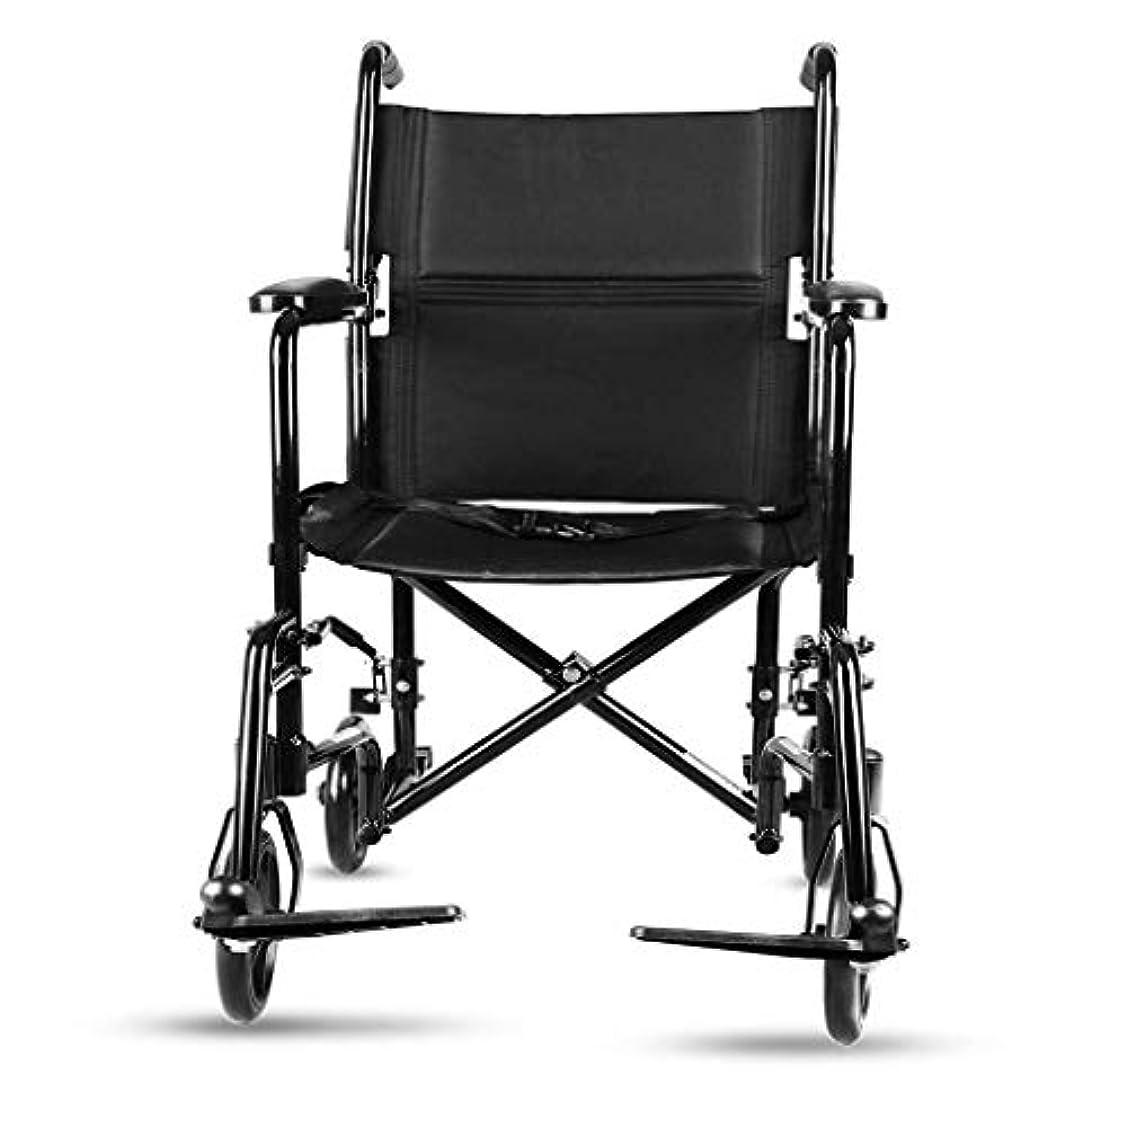 トンネルスナッチ犬アルミ合金の車椅子、折る携帯用歩行器の補助歩行者の4つの車輪のショッピングカートのハンドブレーキが付いている頑丈な歩行者